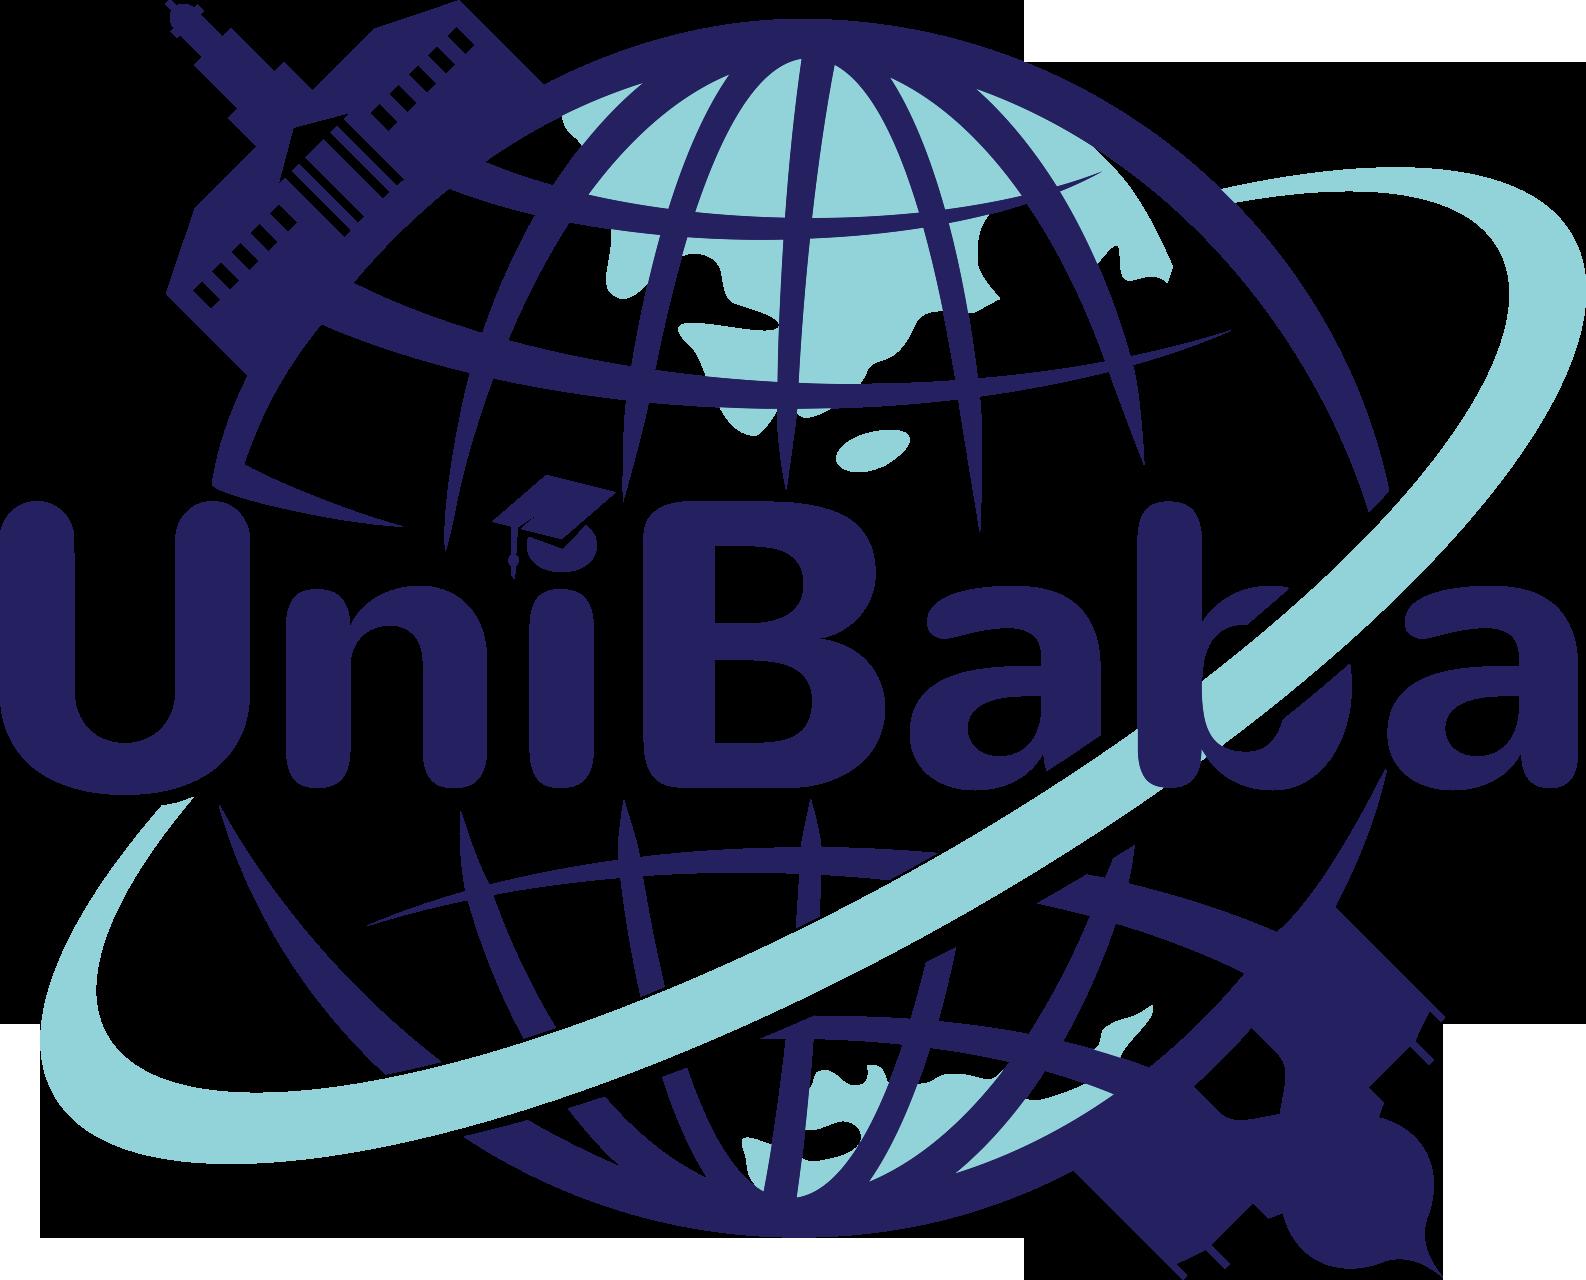 Unibaba